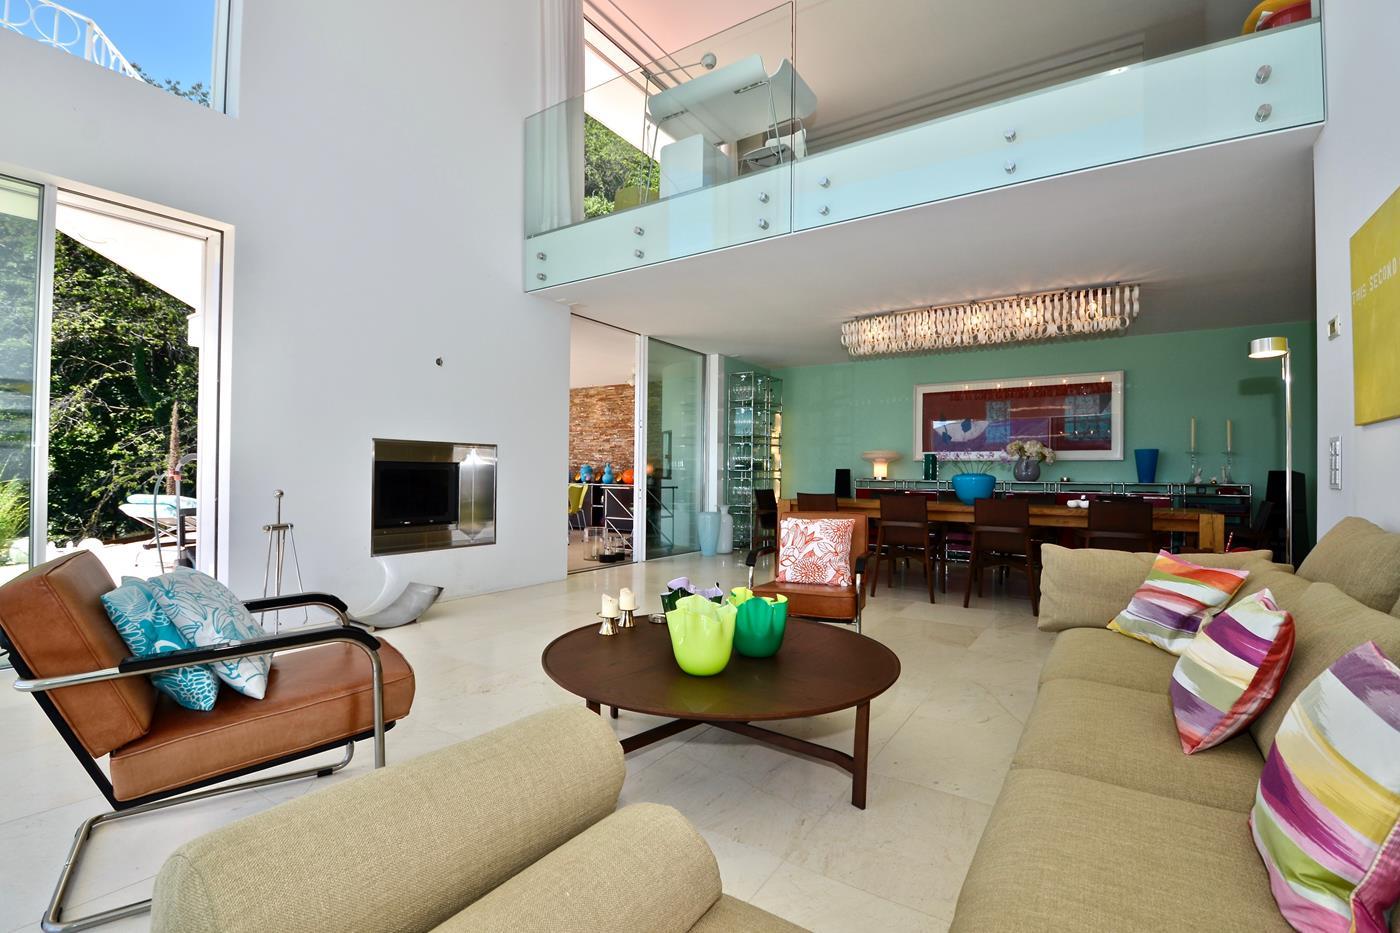 Villa di design,soggiorno con ampie finestre a a Brione Sopra Minusio,Ticino, Svizzera da vendere